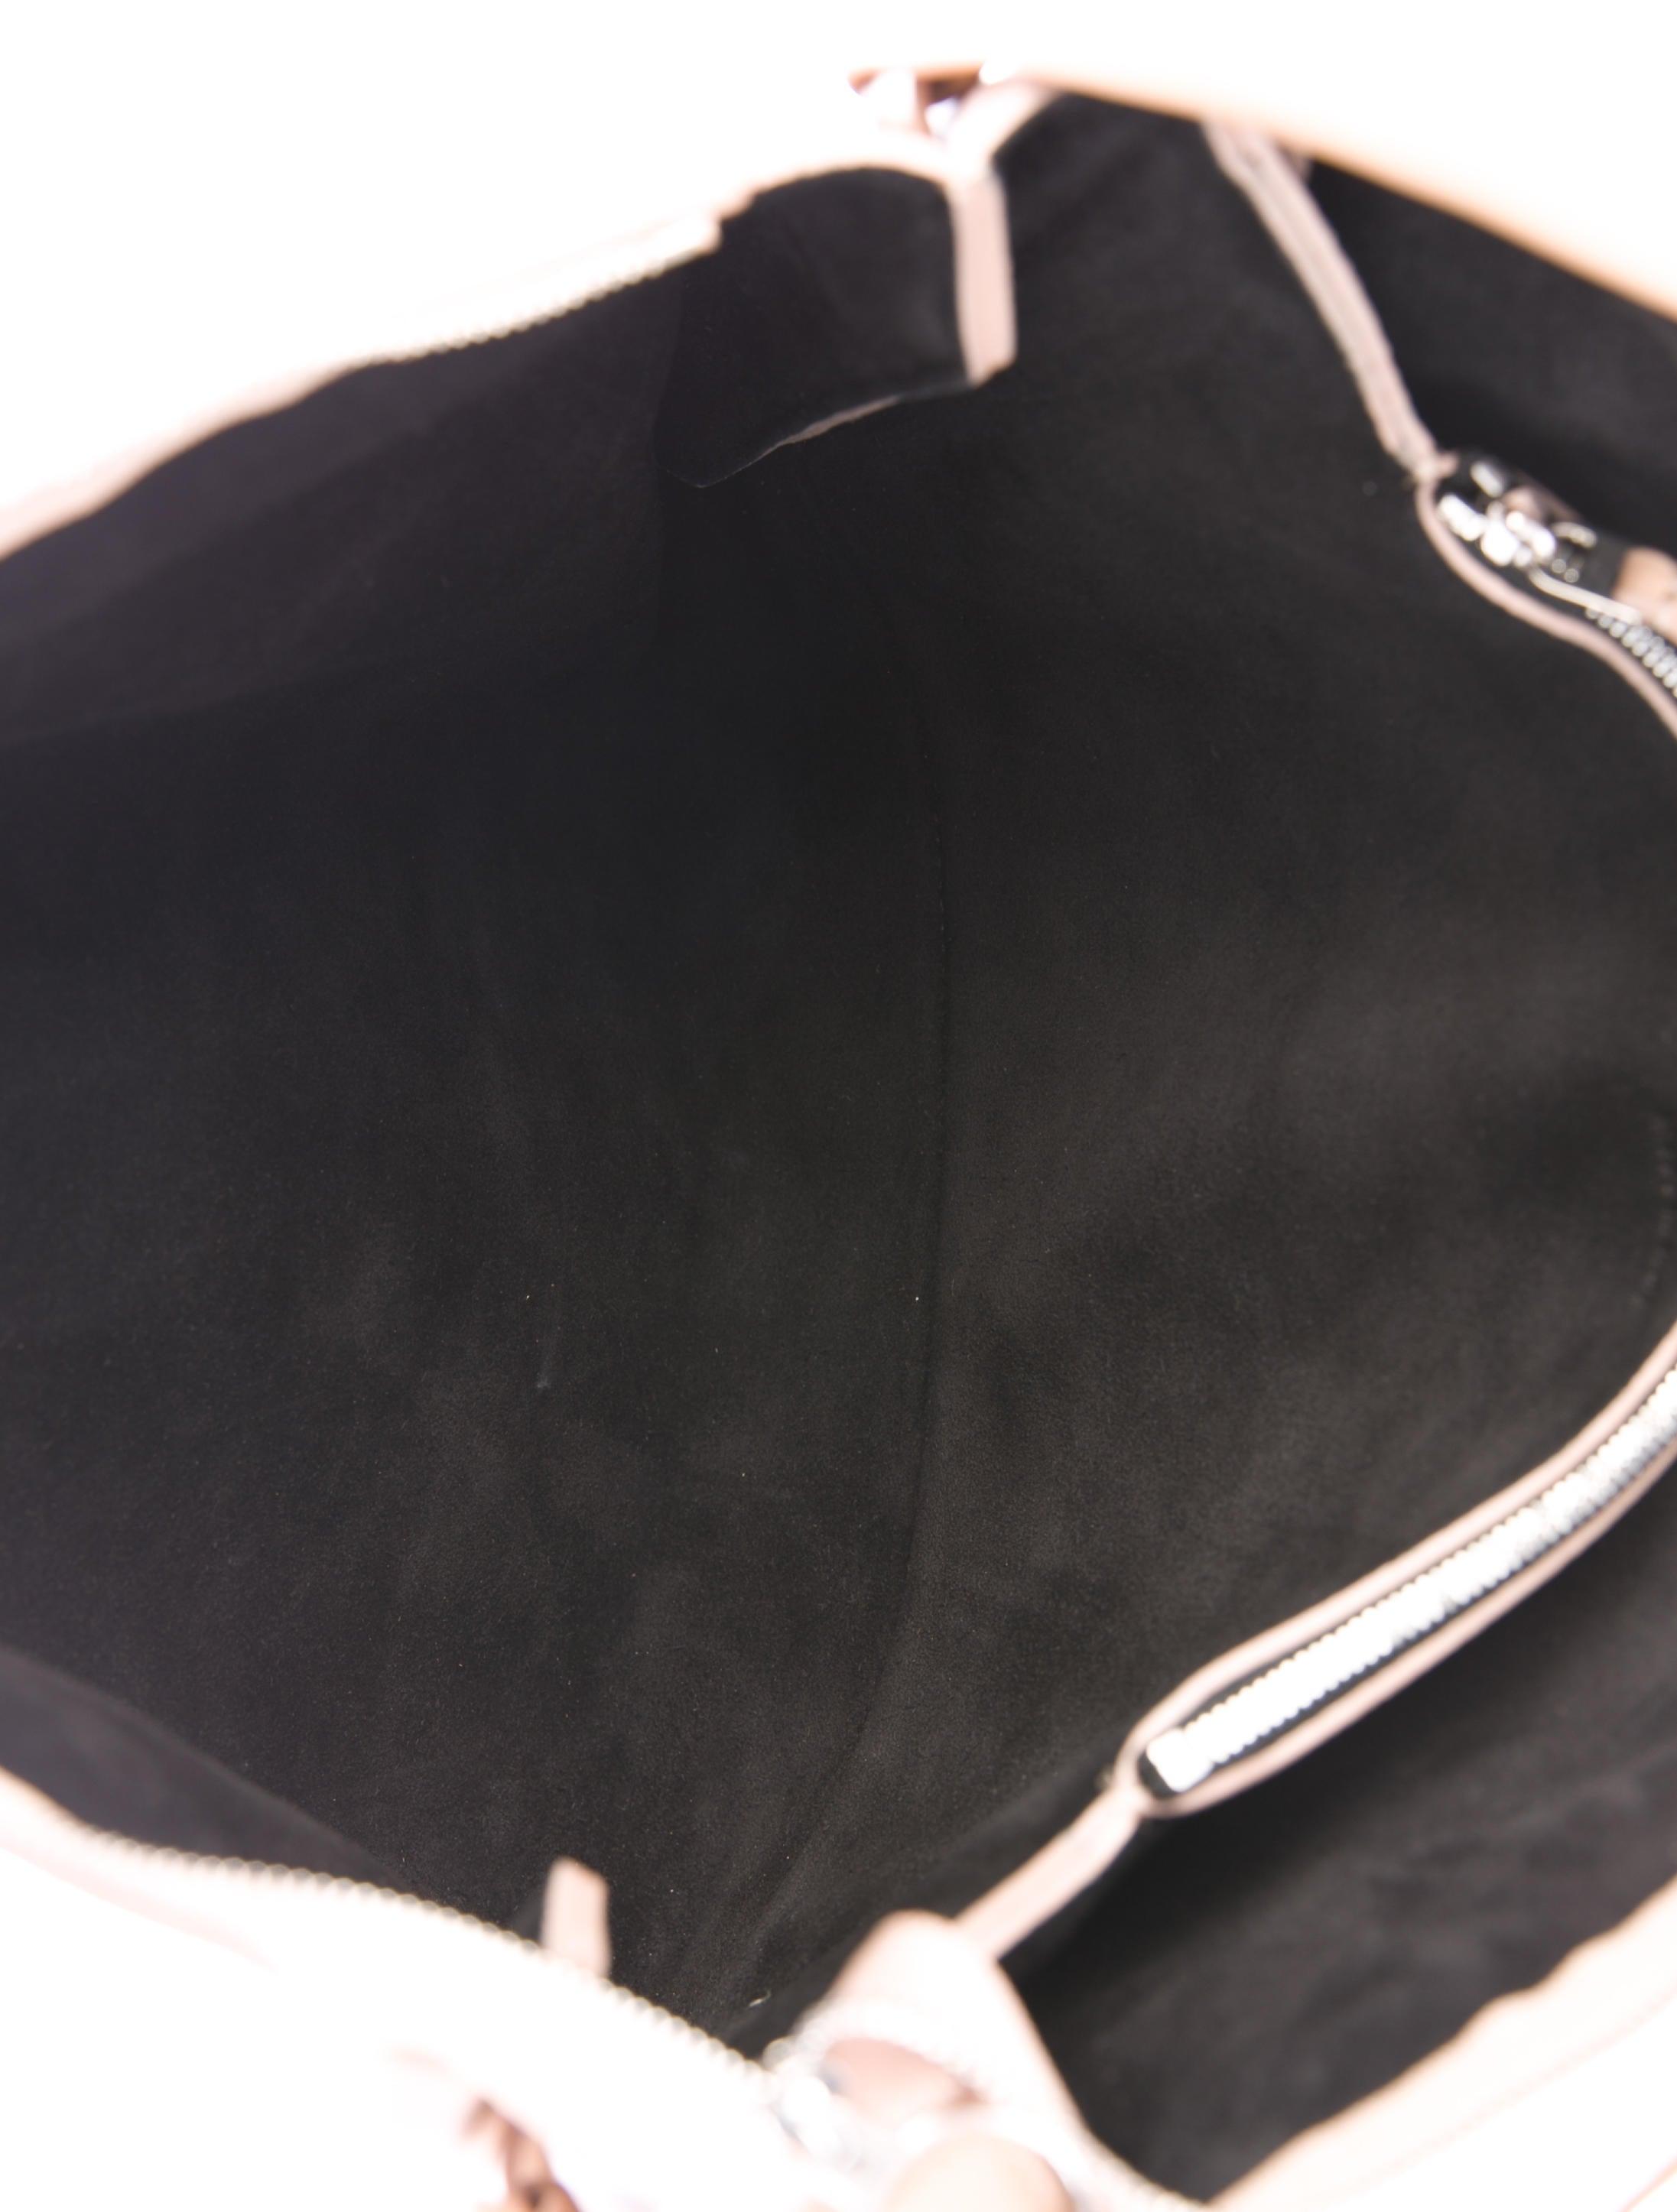 0e6ebf4963e2 ... Shoulder Céline Shoulder Bag Shoulder Knotted Bag Knotted Céline Céline  Knotted Bag qx0EwHxf